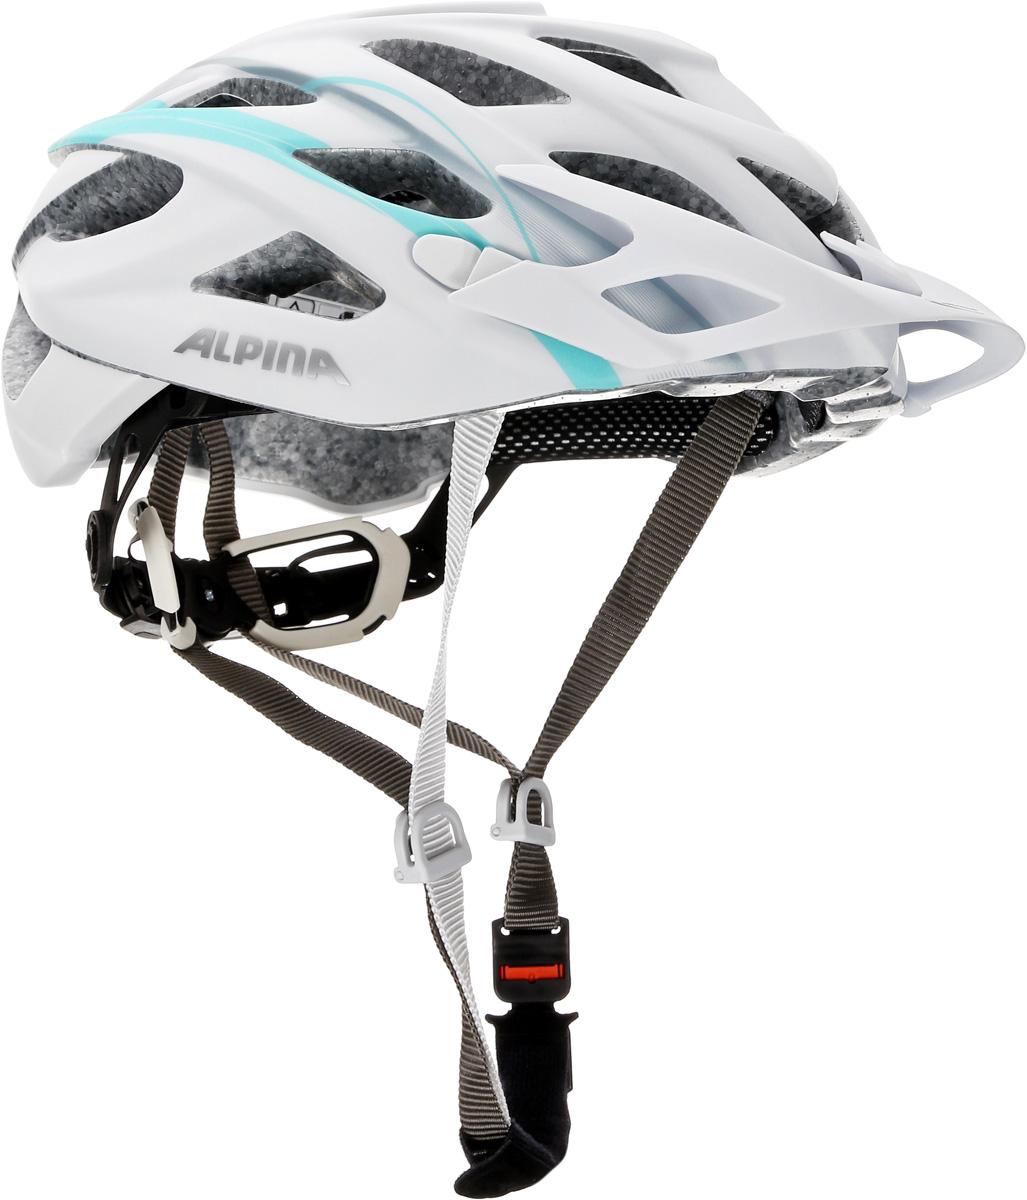 Велошлем Alpina D-Alto LE, цвет: белый, зеленый. Размер 52-57 см детский велосипед altair city girl 14 2017 белый синий